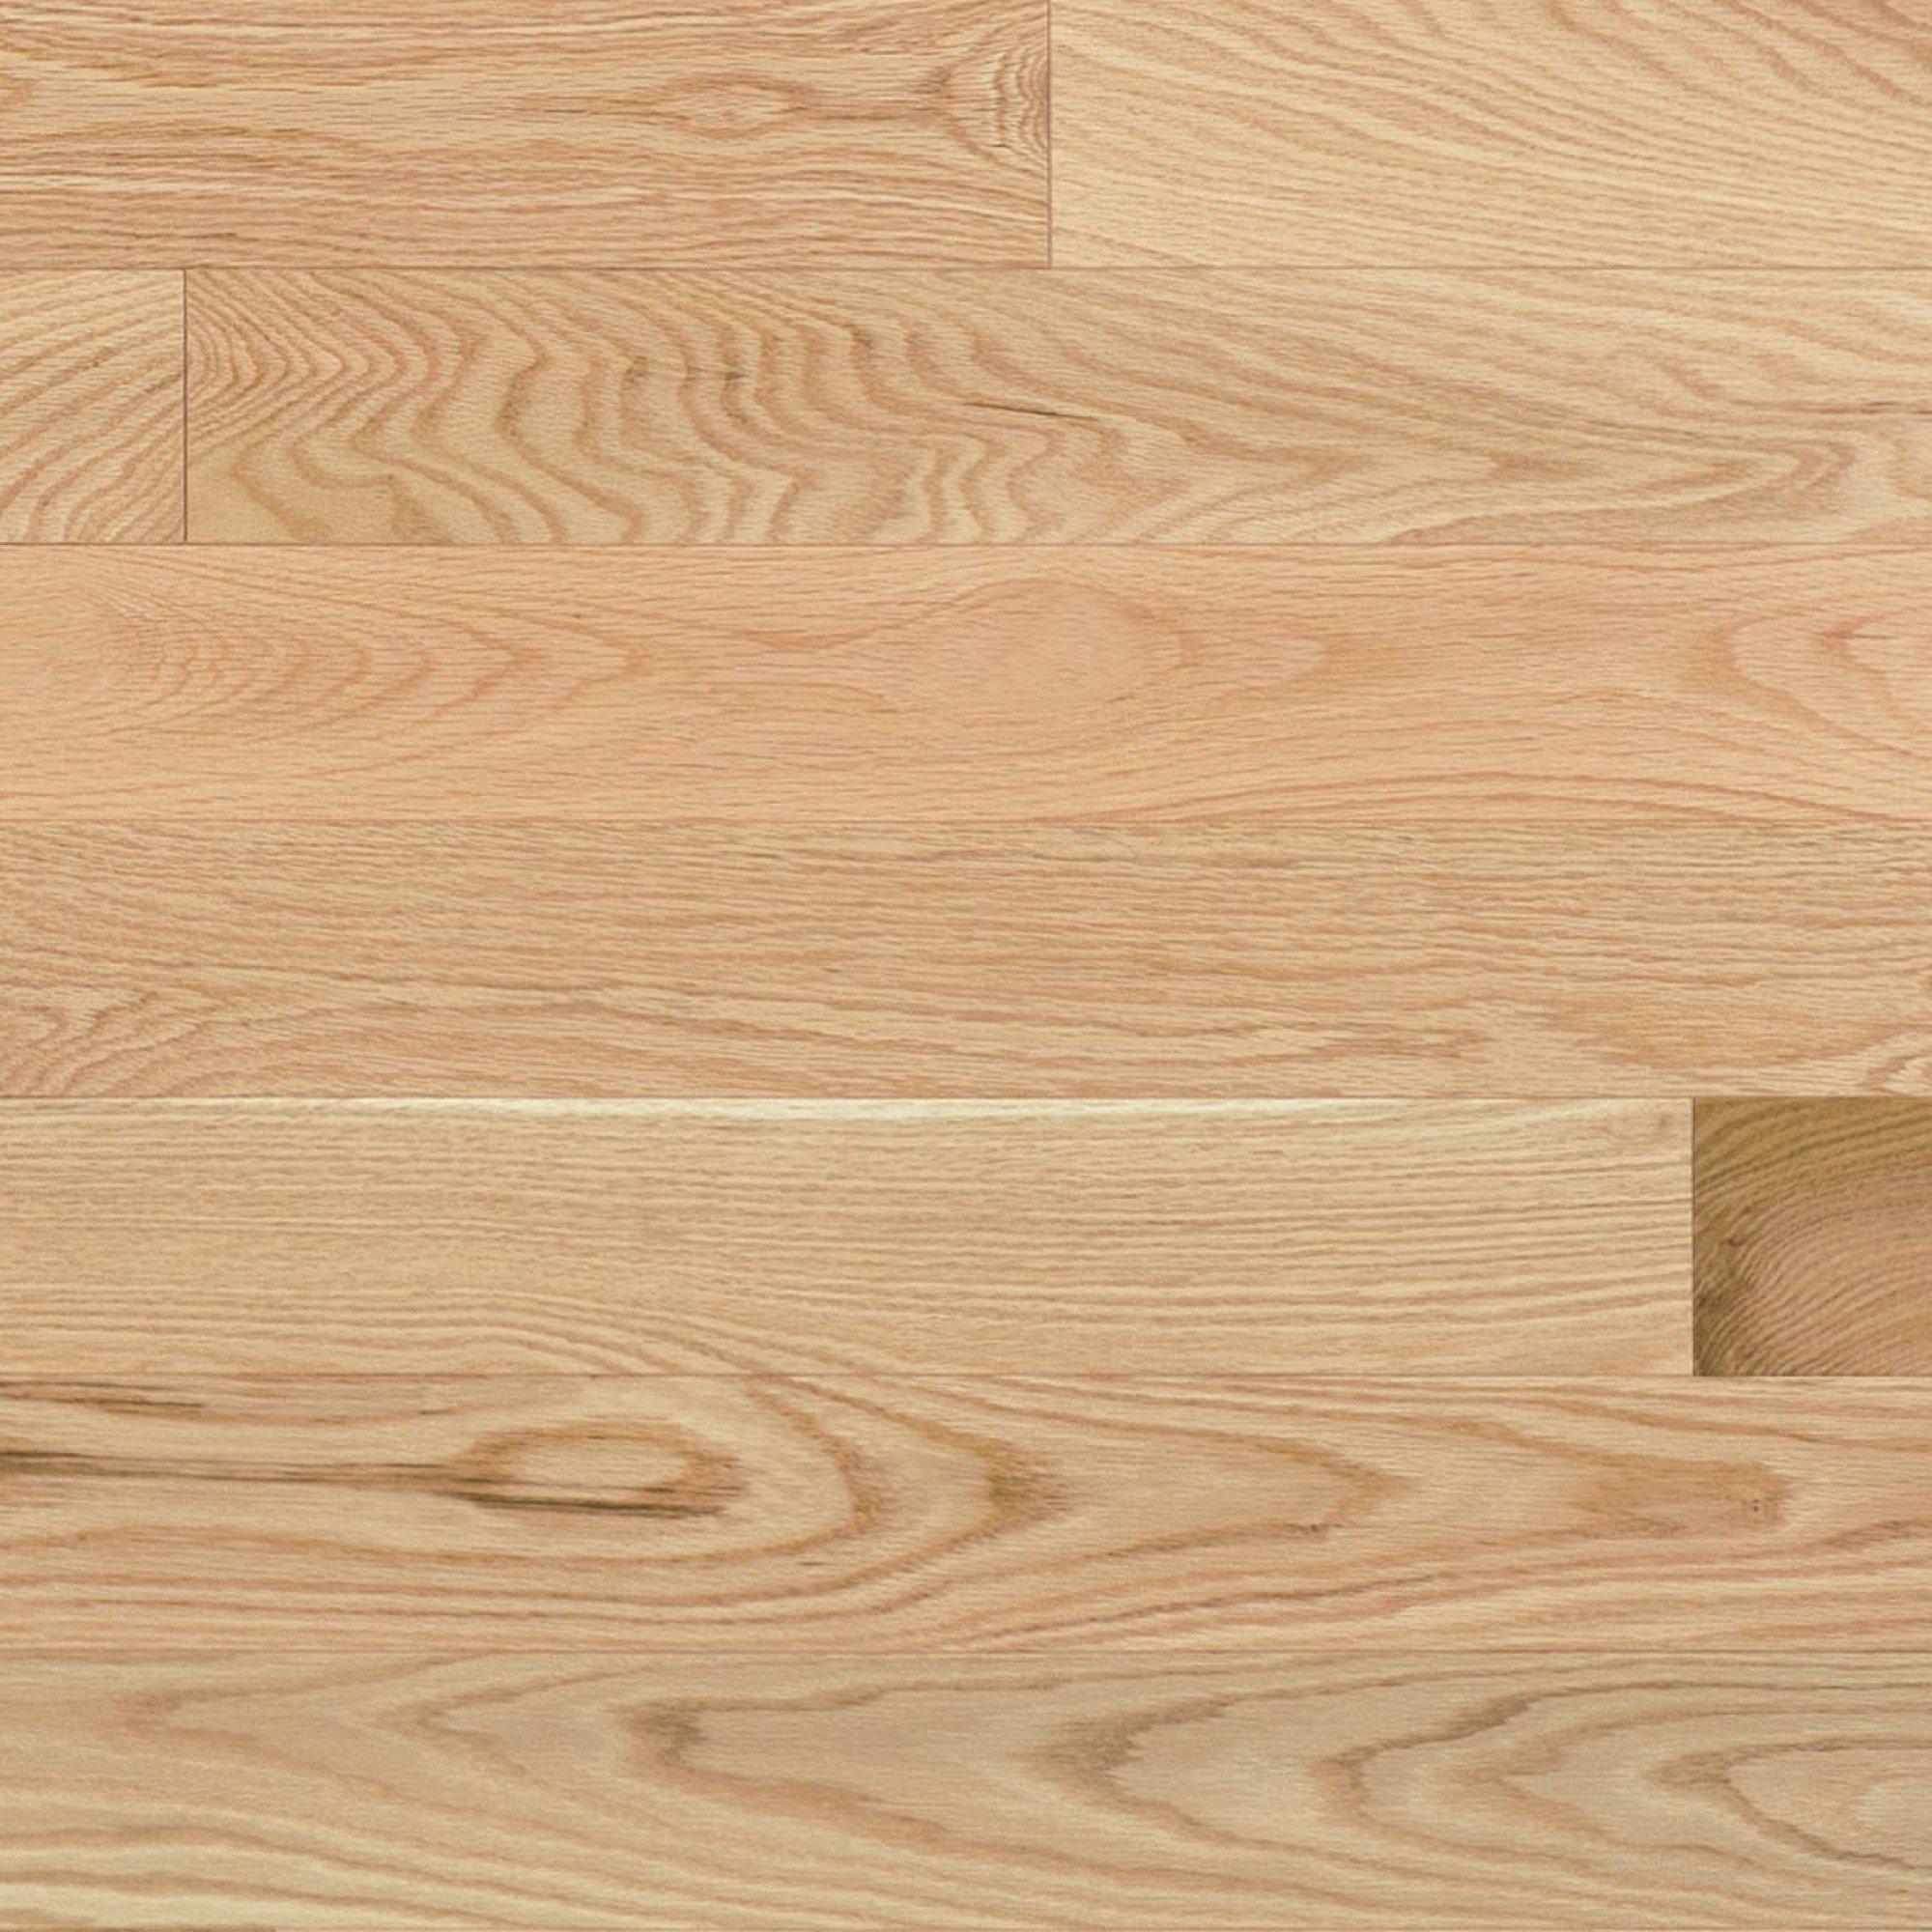 Chêne rouge Exclusive Brossé - Image plancher